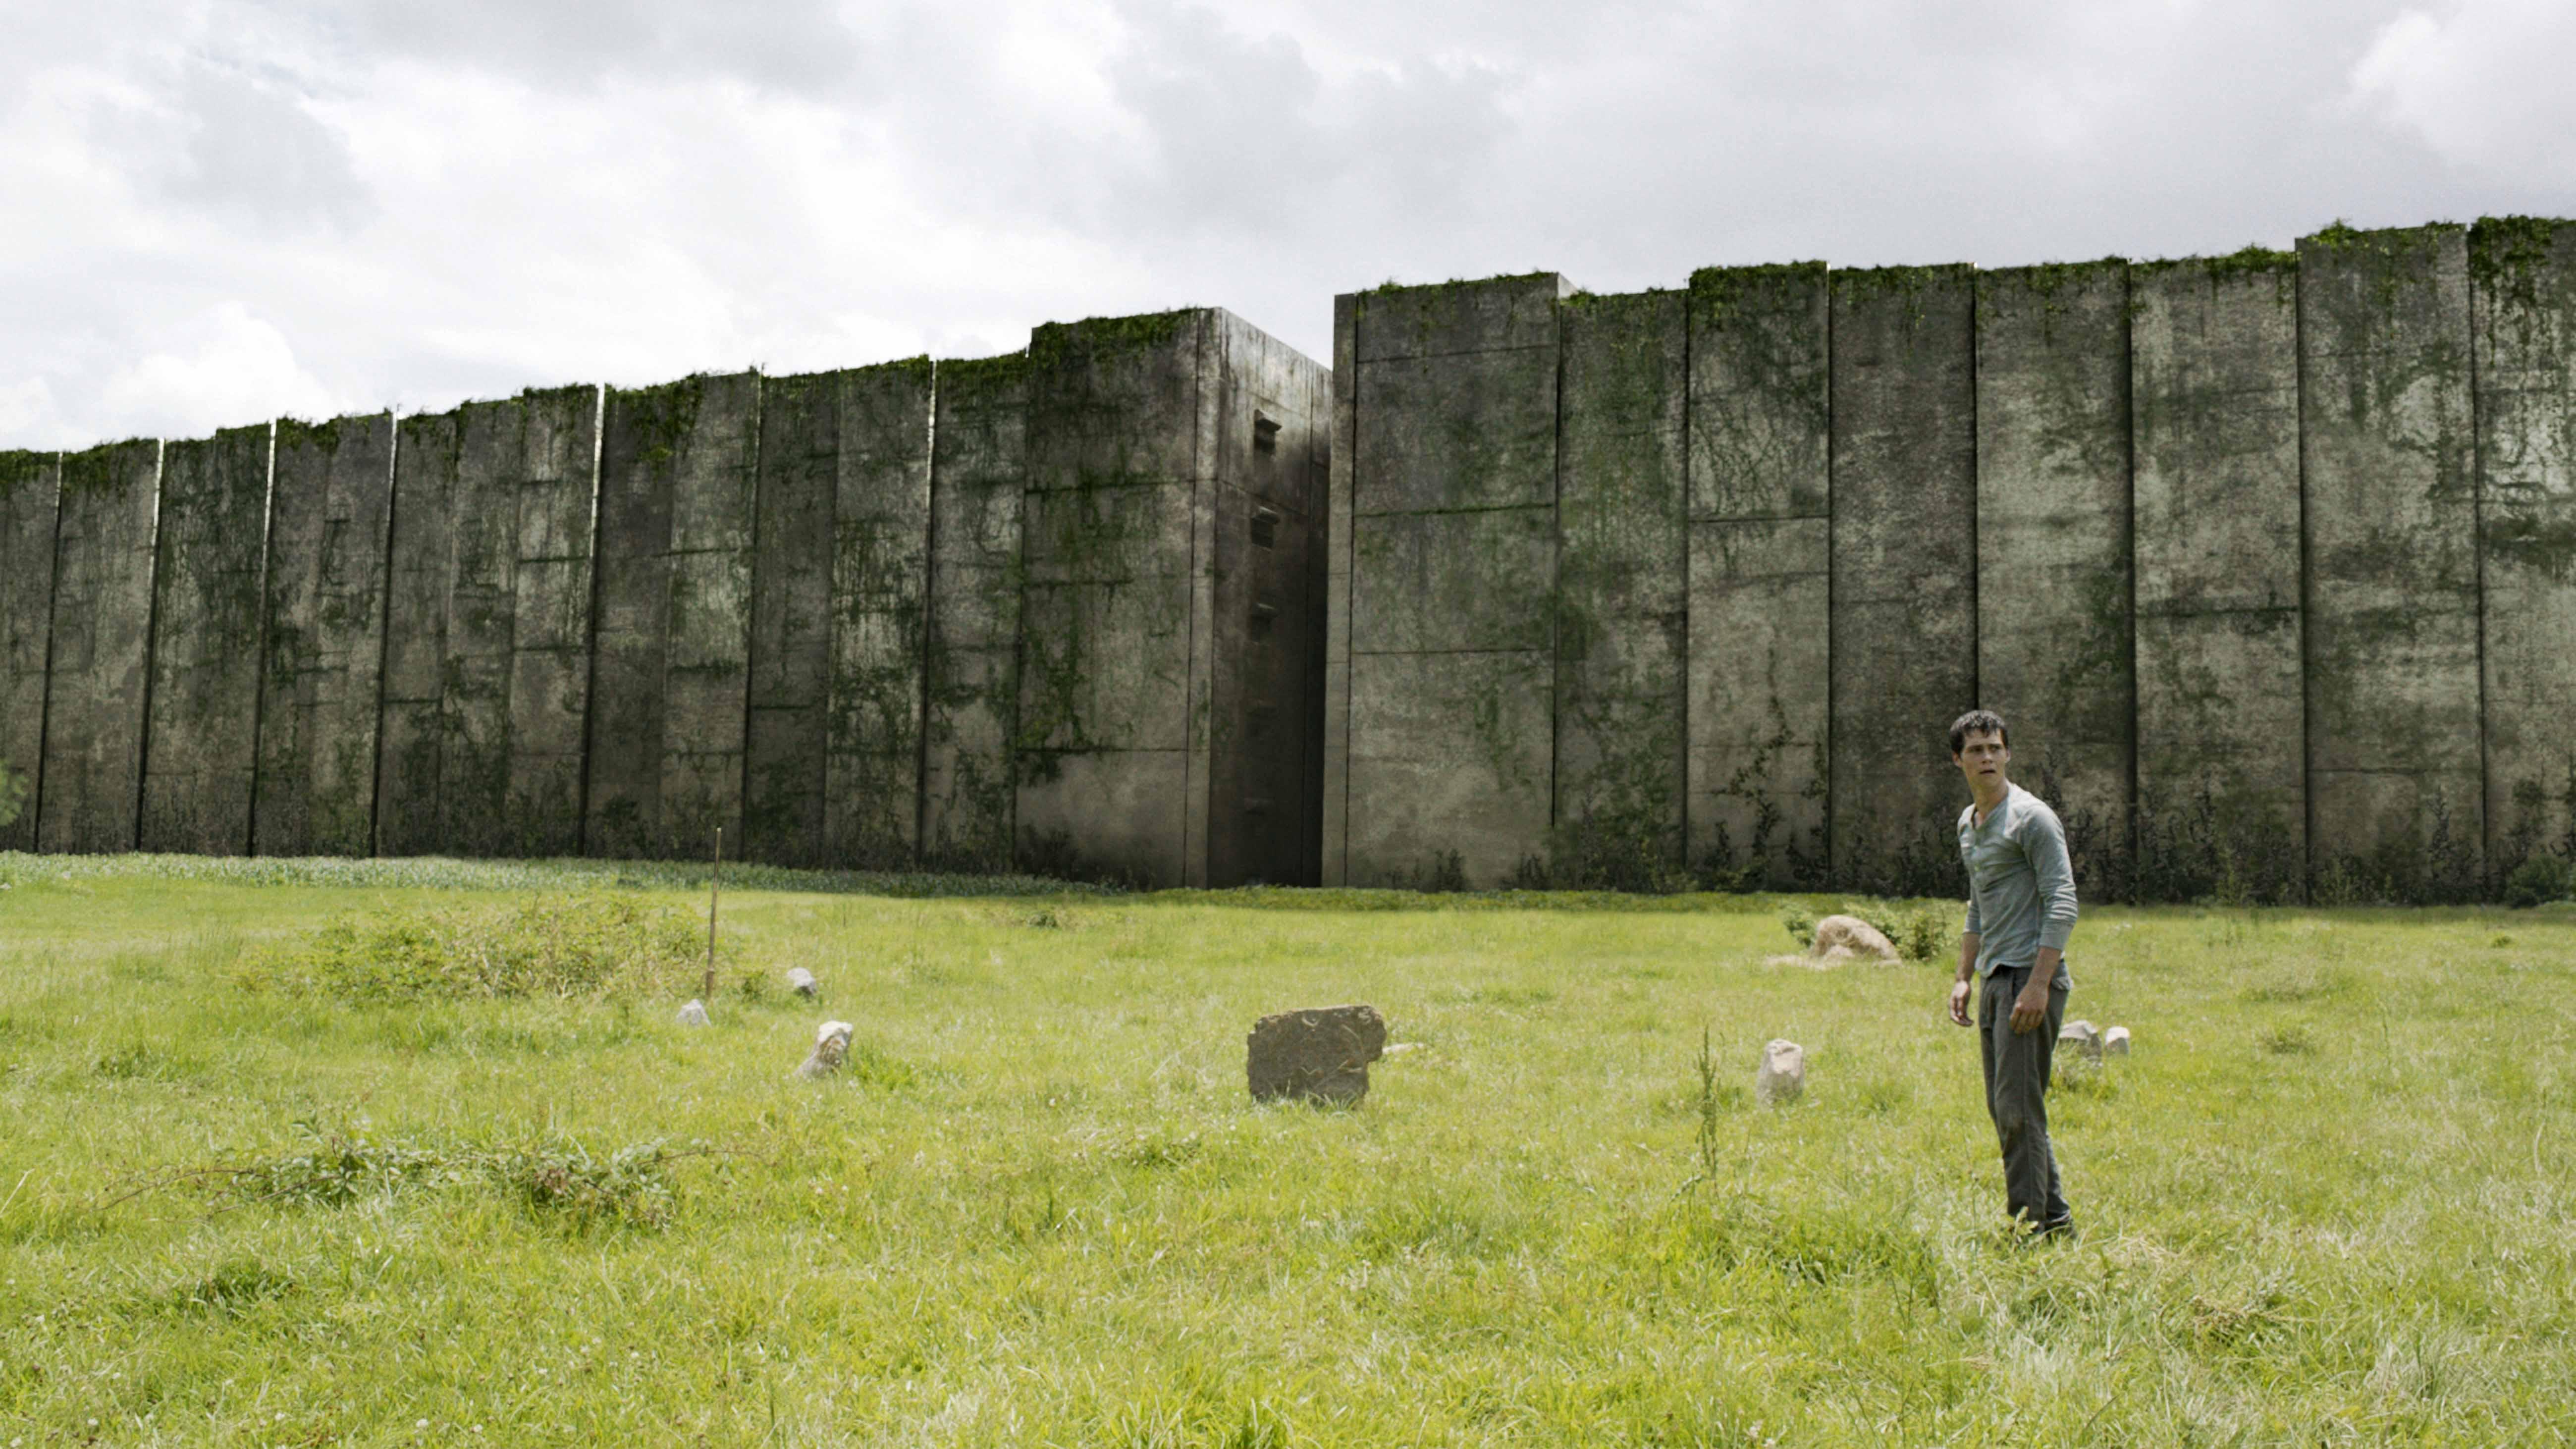 le-labyrinthe-br-crtique-image-3